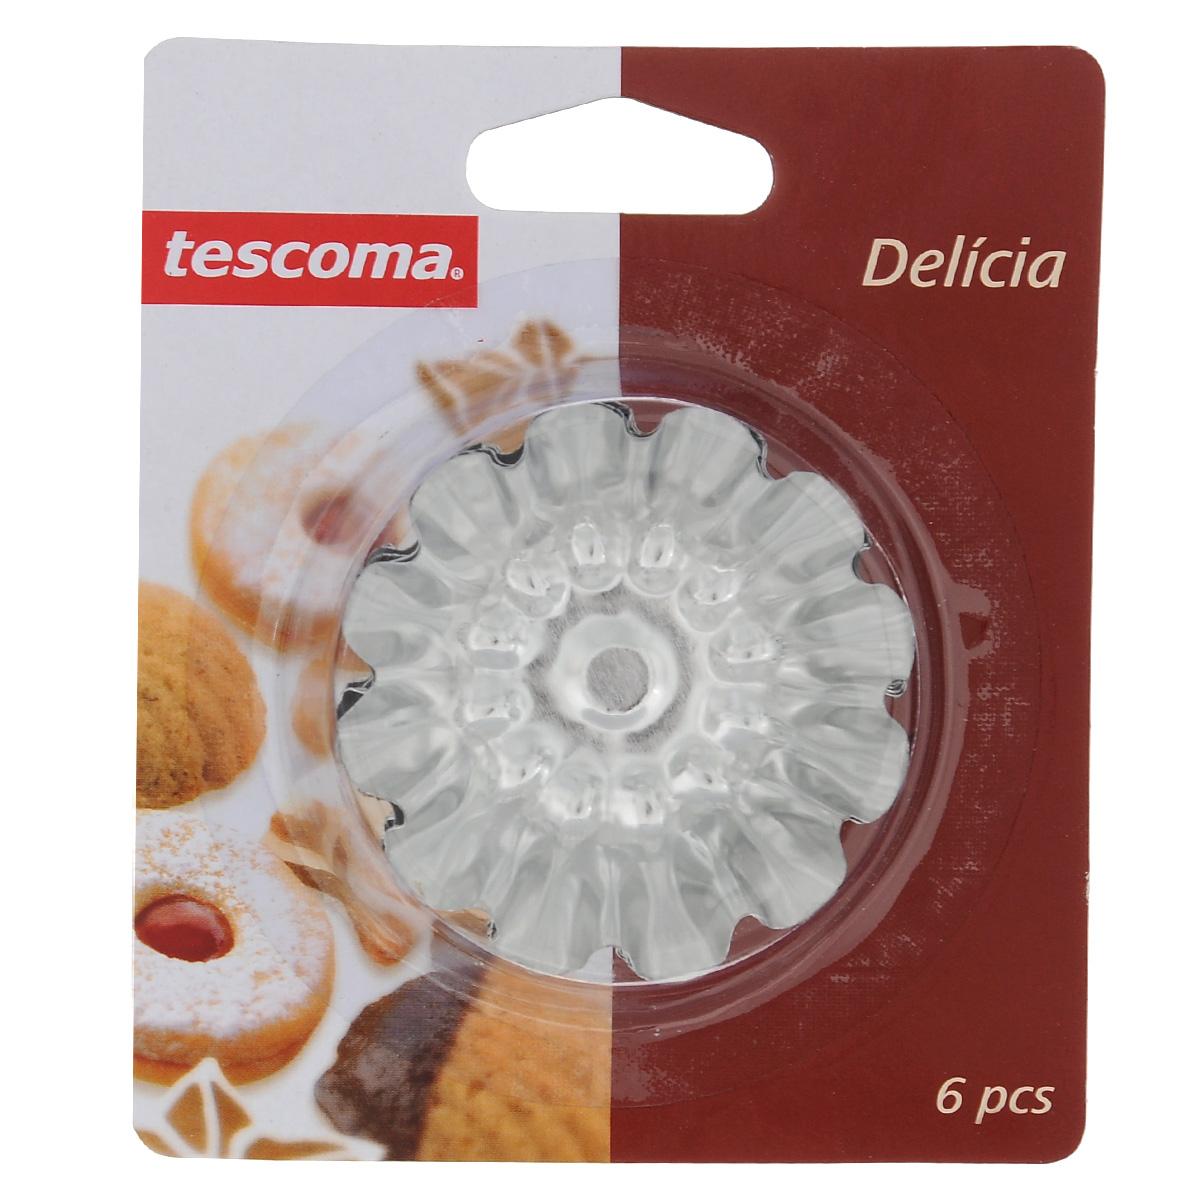 Набор форм для выпечки Tescoma Delicia, с антипригарным покрытием, 6 шт631520Набор для выпечки Tescoma Delicia состоит из 6 круглых форм с волнистыми рельефными краями. Изделия выполнены из высококачественного металла с антипригарным покрытием, которое предотвращает прилипание пищи. Это позволит легко извлечь выпечку из формы, просто перевернув ее. Формы идеально подходят для приготовления кексов, сладкого, соленого печенья и других десертов. После использования вымойте и вытрите формы. Нельзя использовать в посудомоечной машине. Комплектация: 6 шт. Высота стенок: 2,2 см.